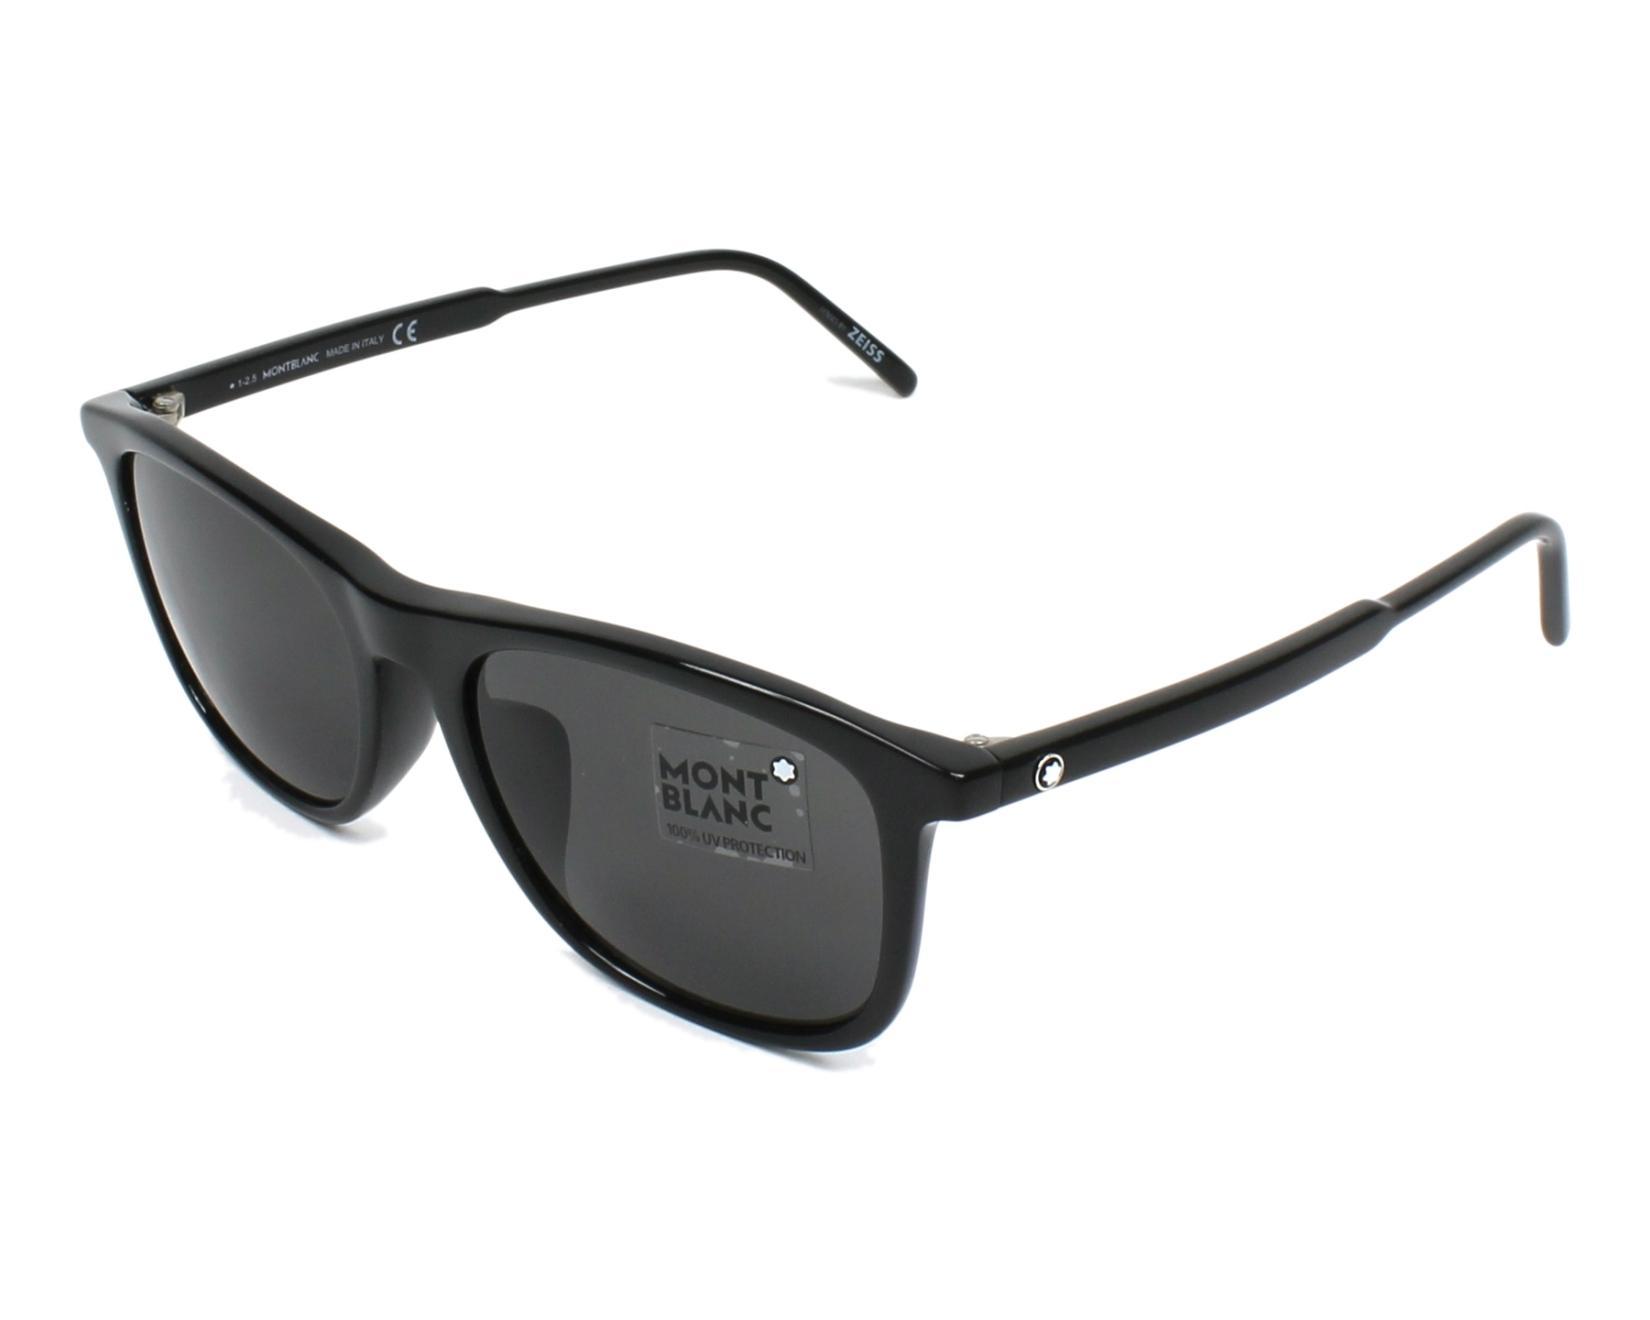 lunettes de soleil mont blanc mb 593 s 01a noir avec des verres gris. Black Bedroom Furniture Sets. Home Design Ideas